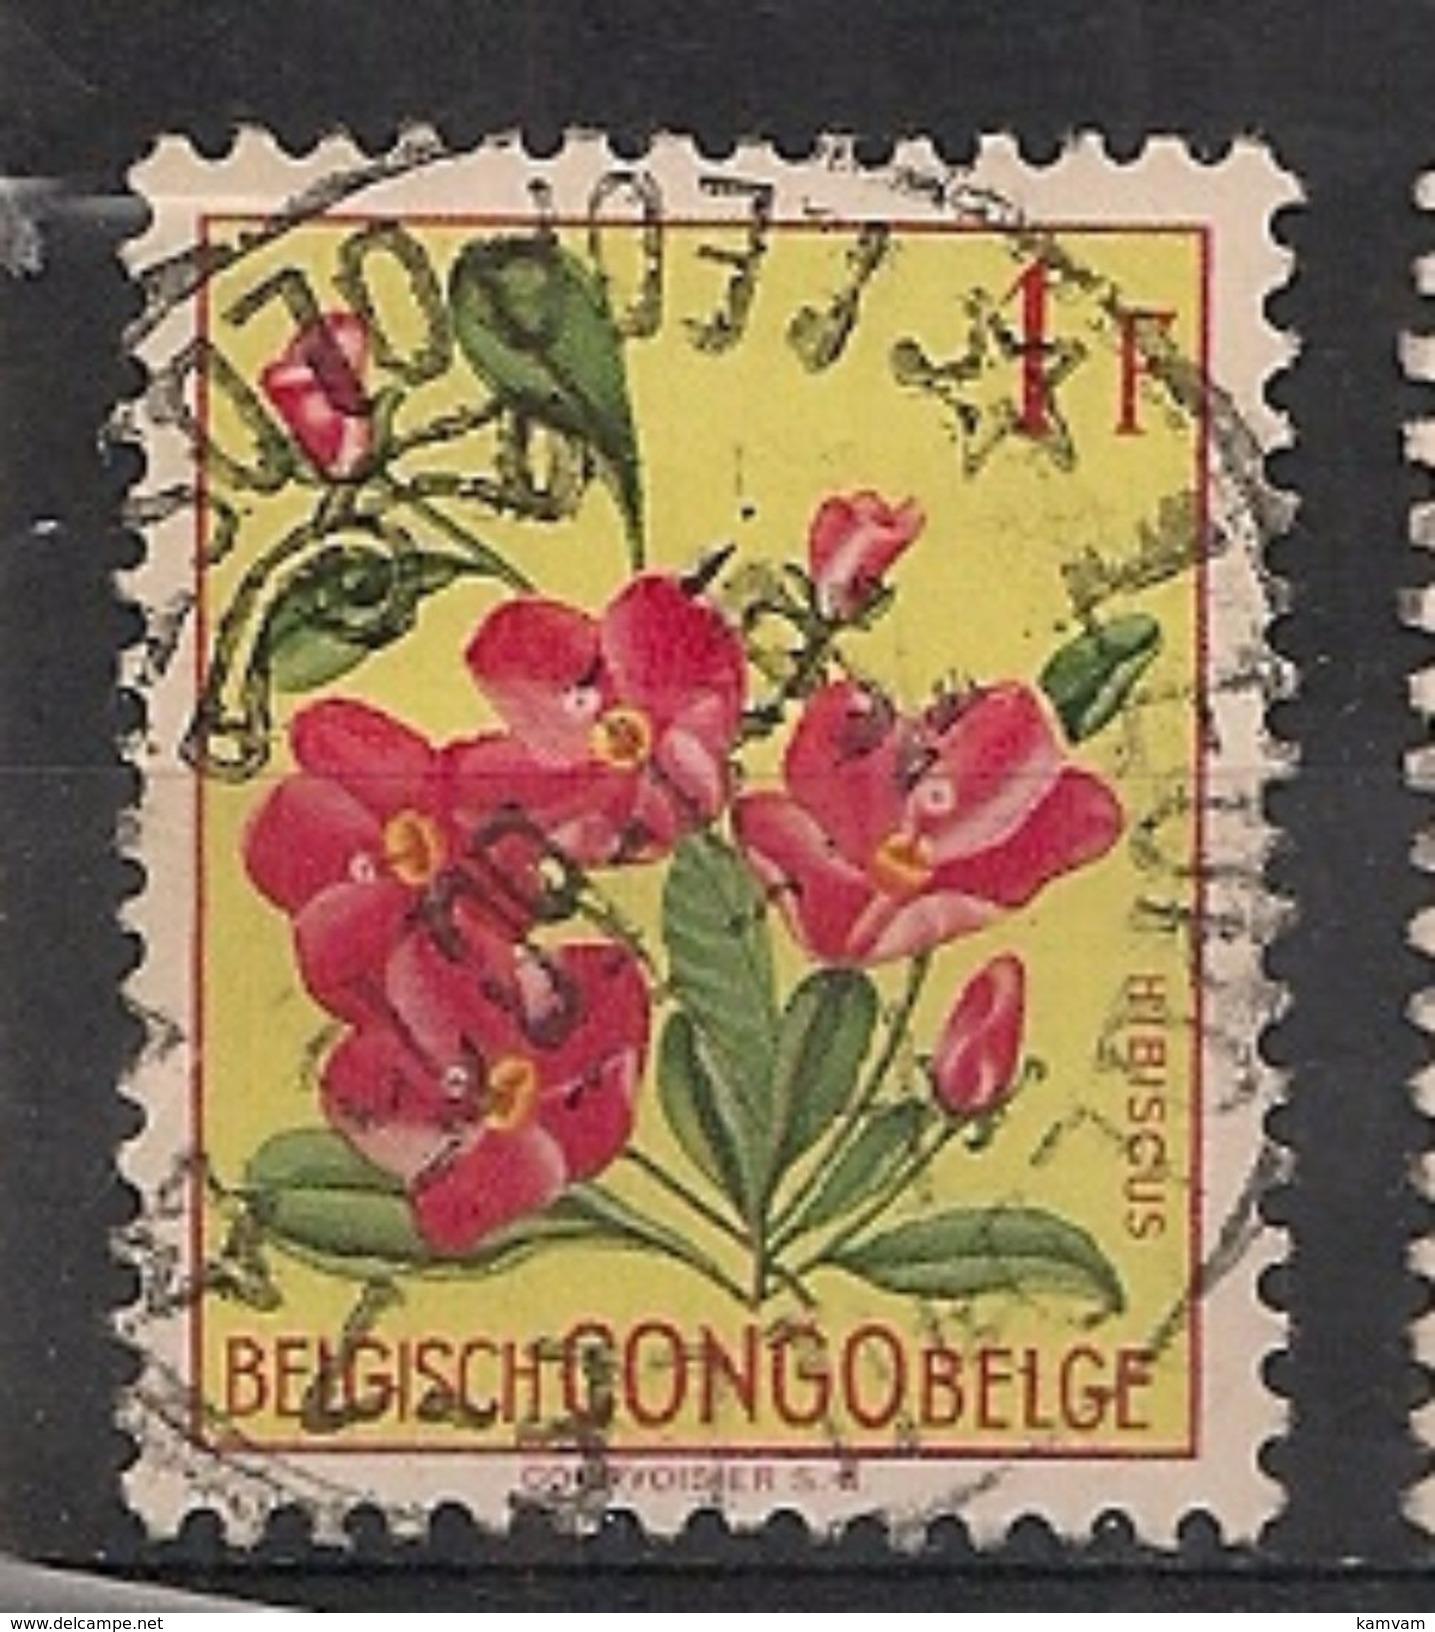 CONGO BELGE 310 LEOPOLDVILLE LEOPOLDSTAD - Congo Belge